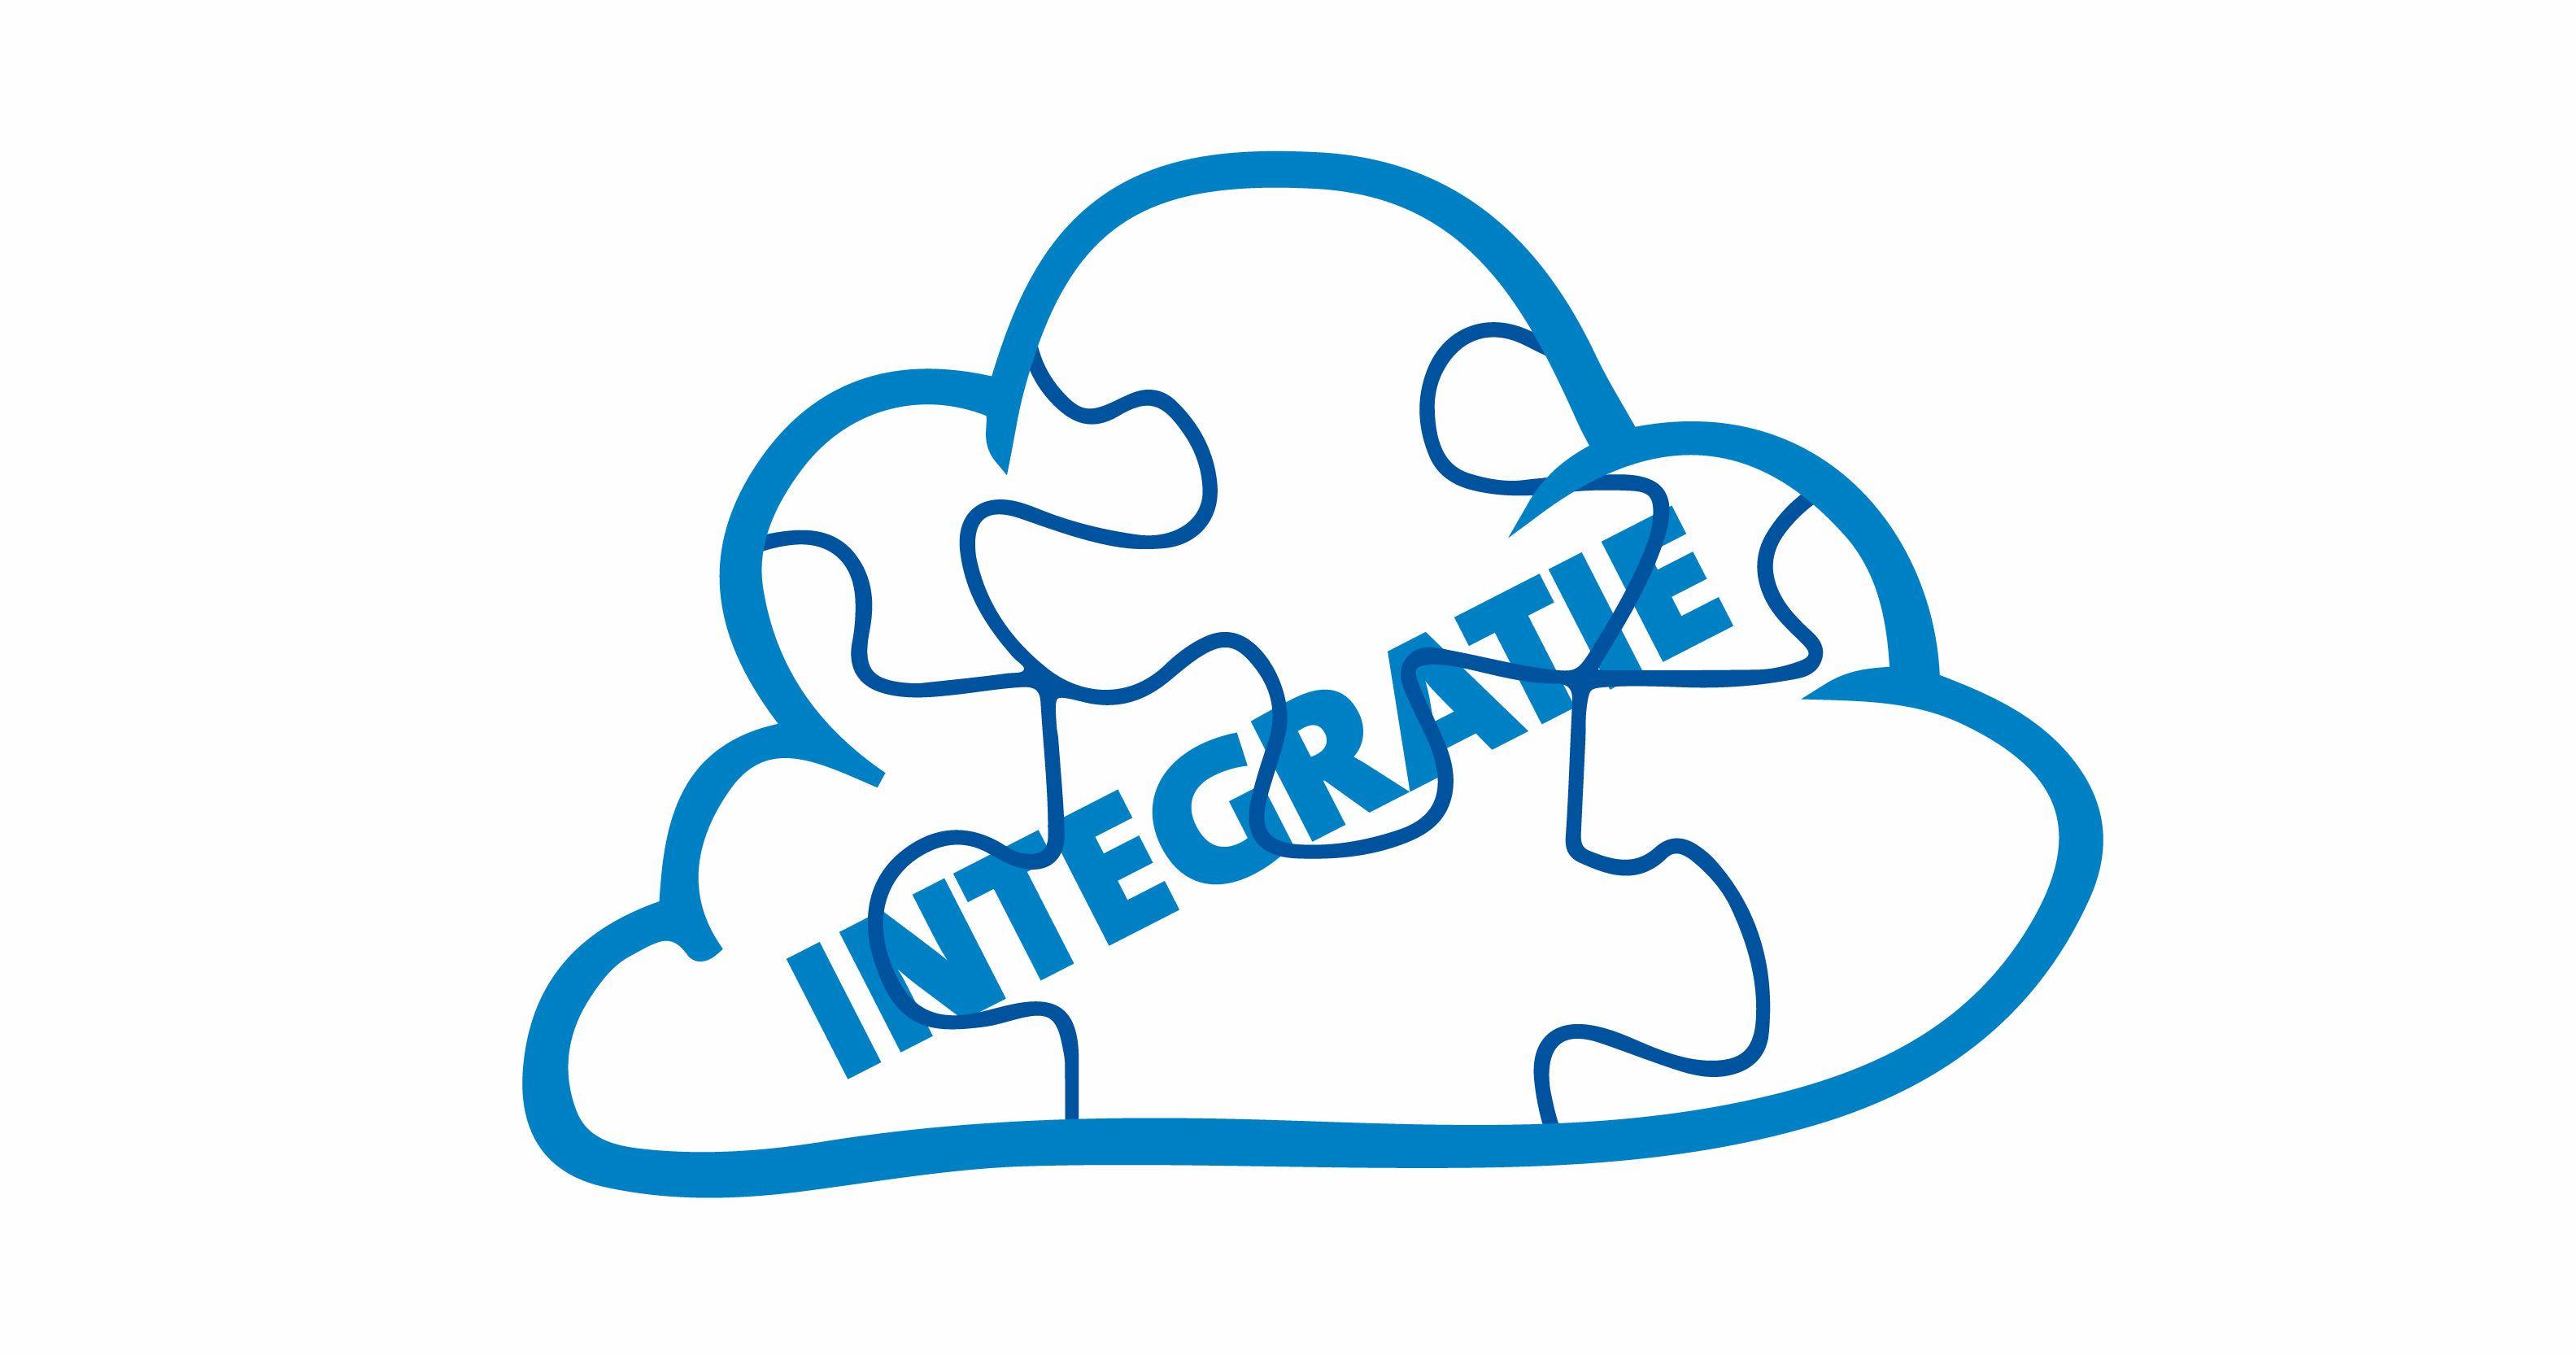 2. integratie-01